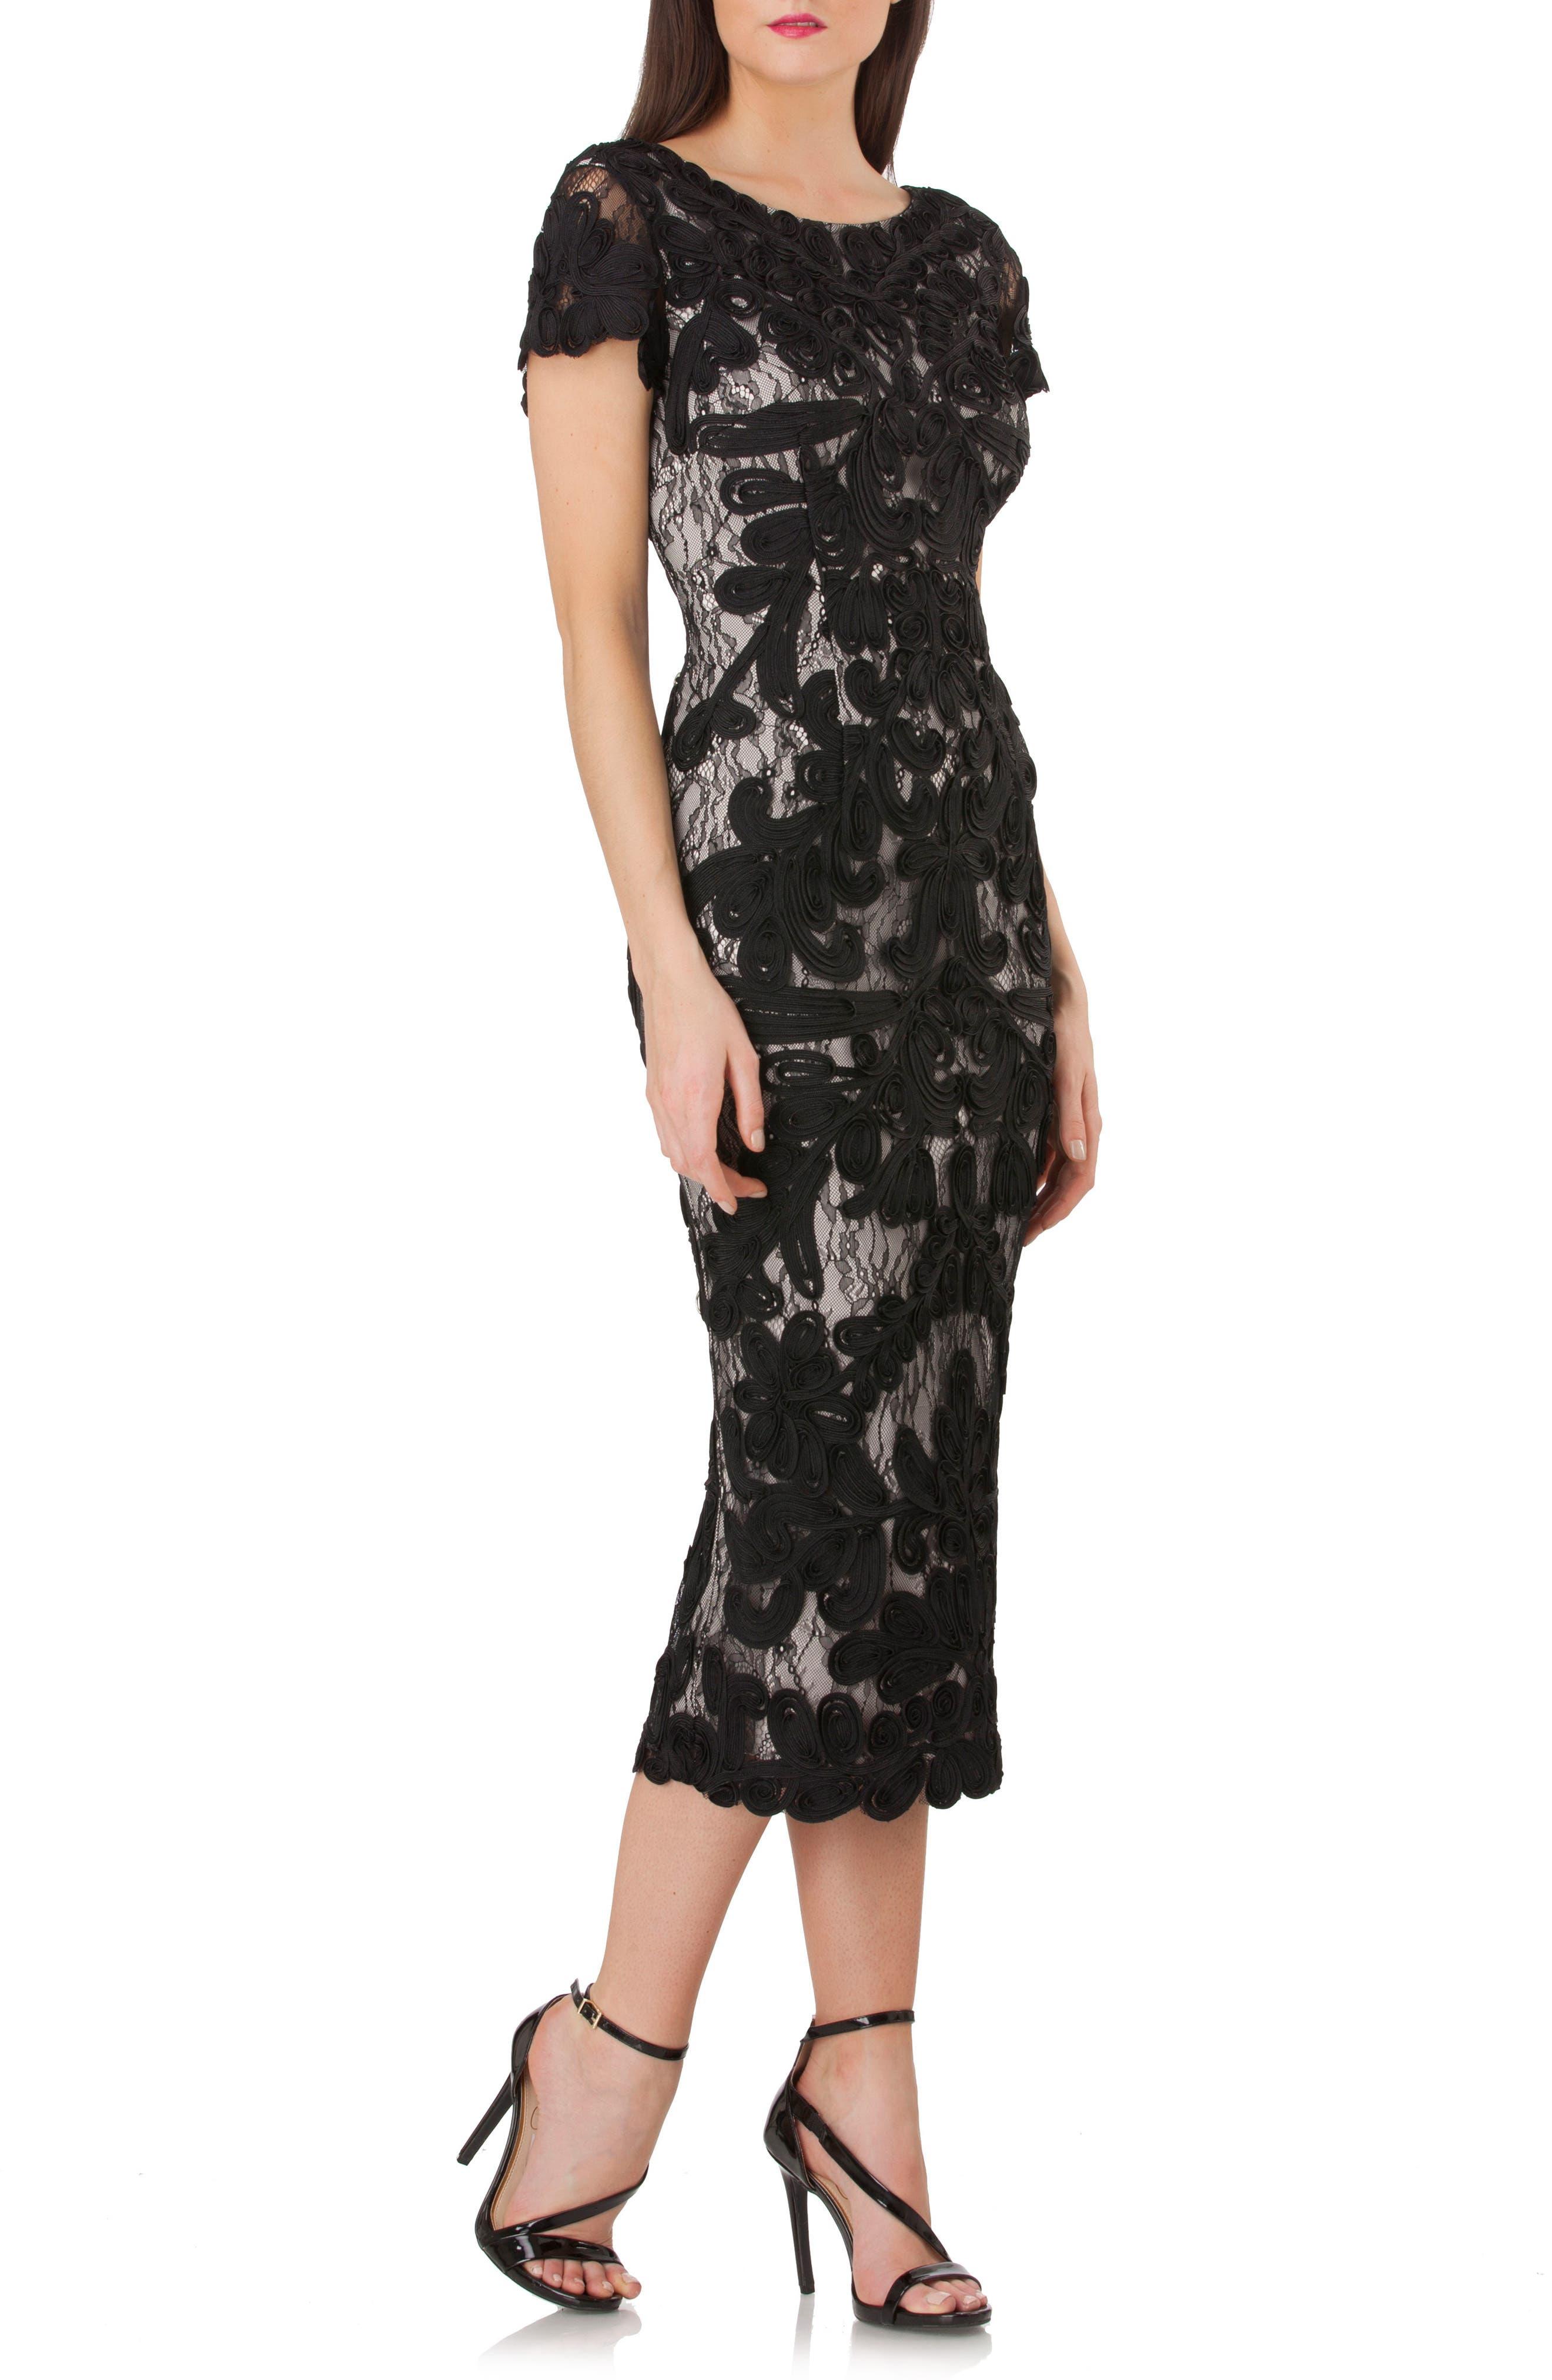 Js Collections Soutache Lace Midi Dress, Black